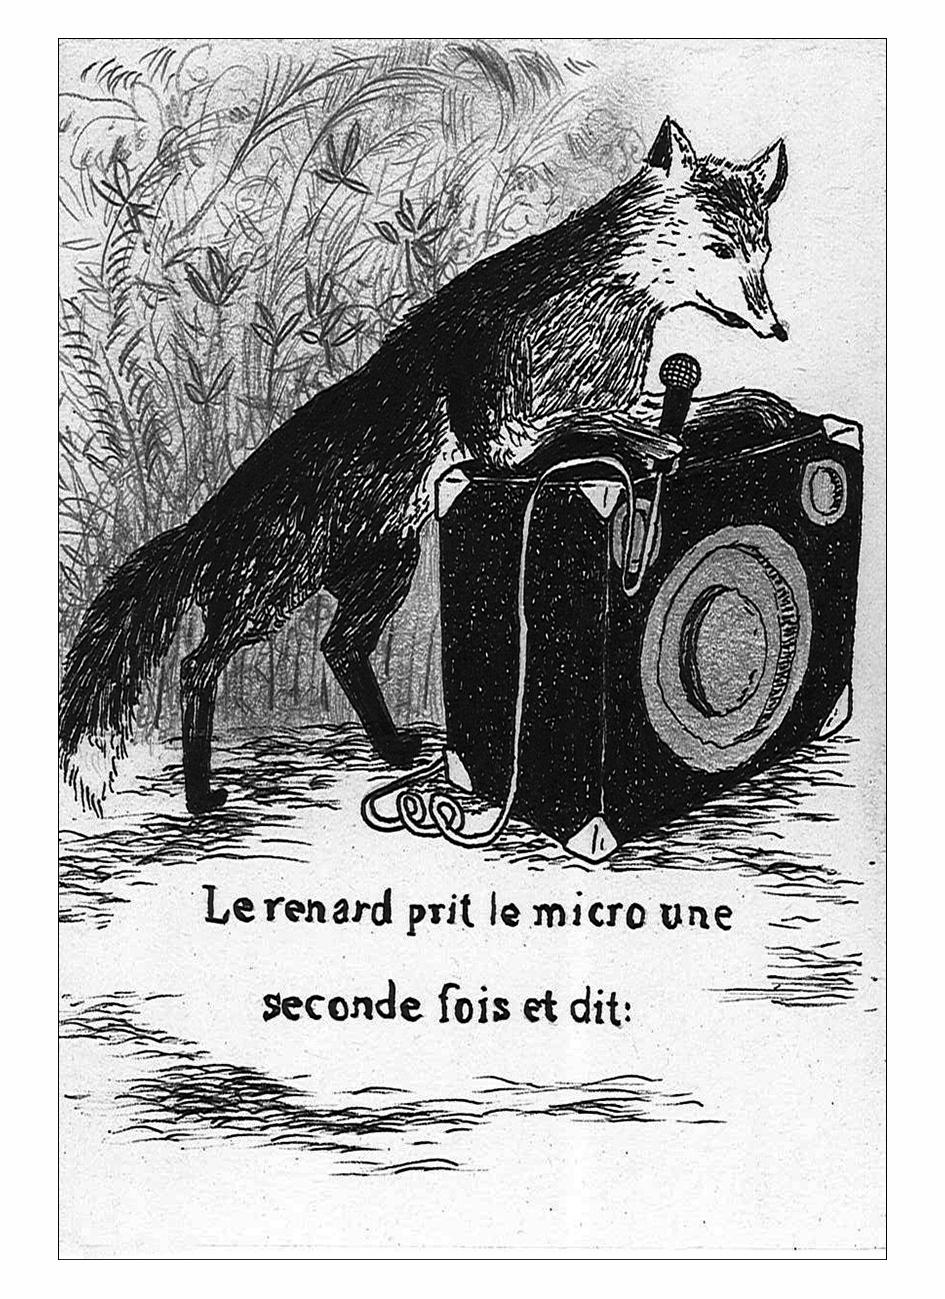 l'amour et le renard - aymeric hainaux - 2014 - 02